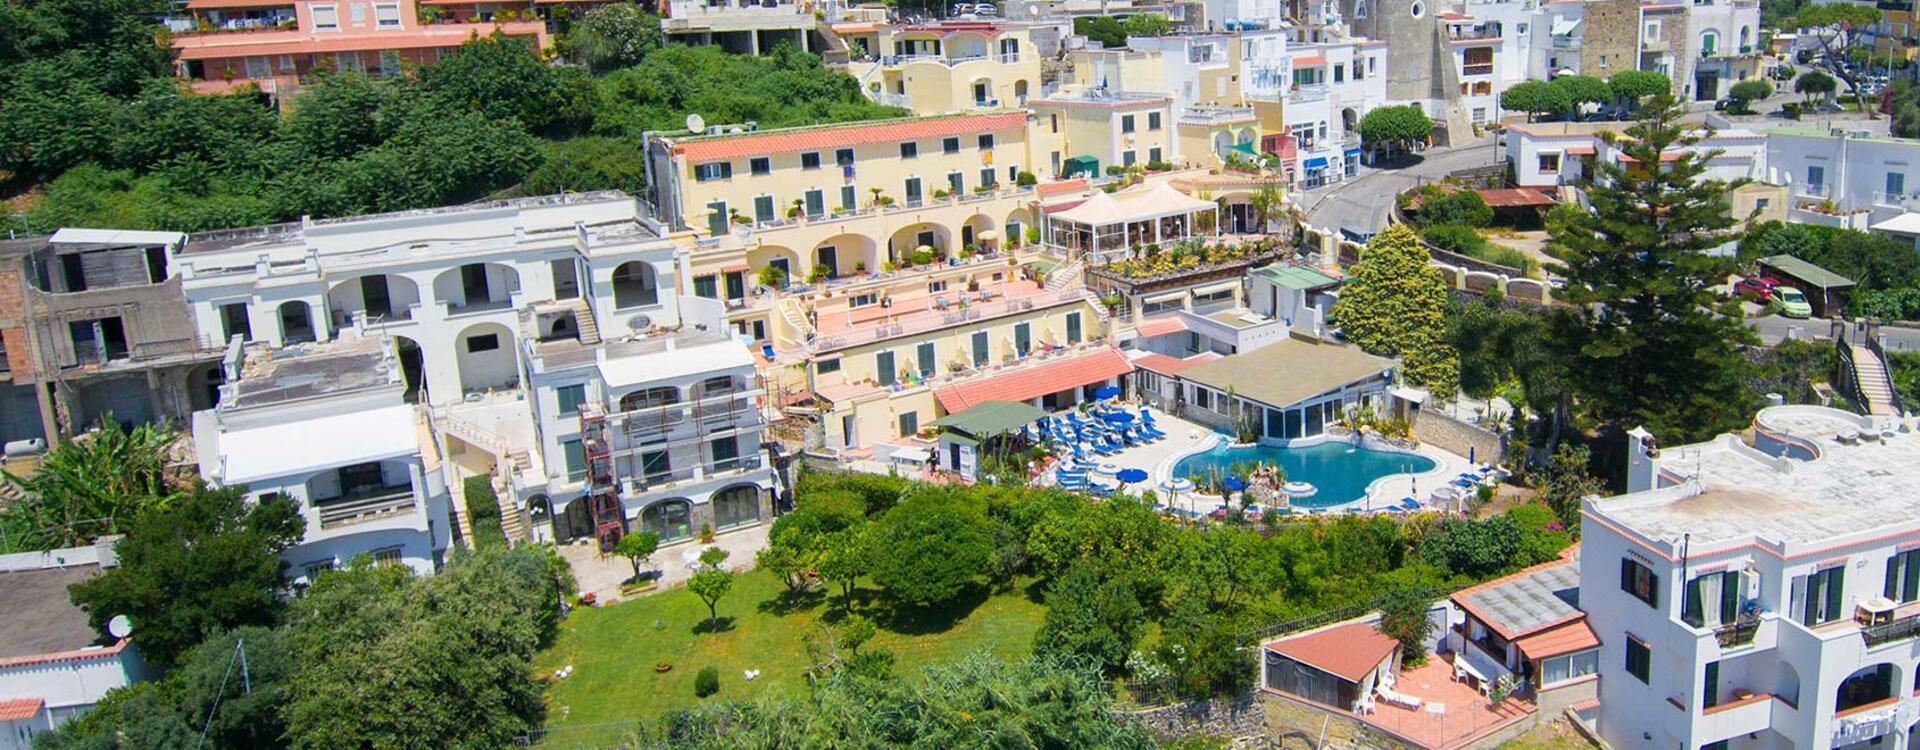 hotelsaintraphaelischia it dove-siamo 010